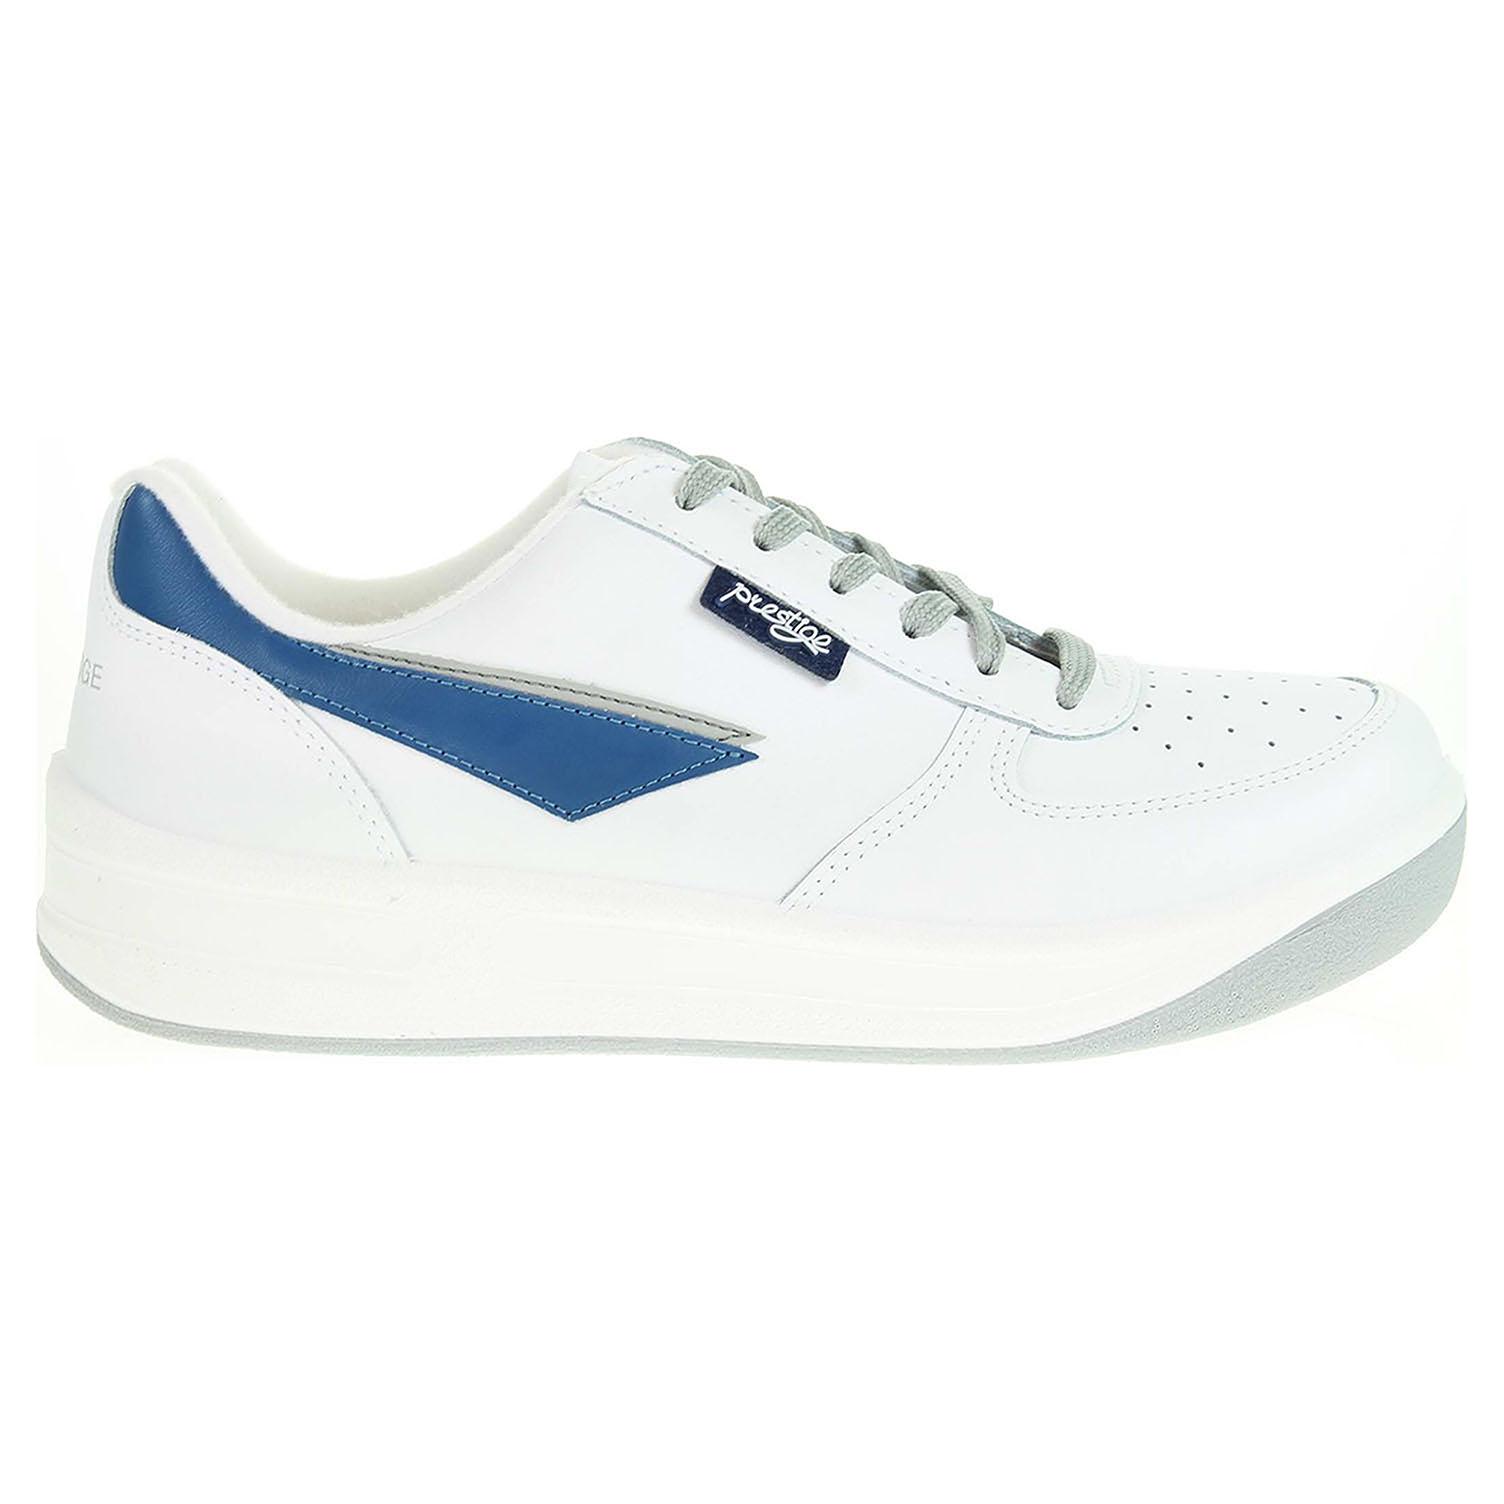 Ecco Prestige dámská obuv 86808-10 bílá 23900196 579d7e8b159